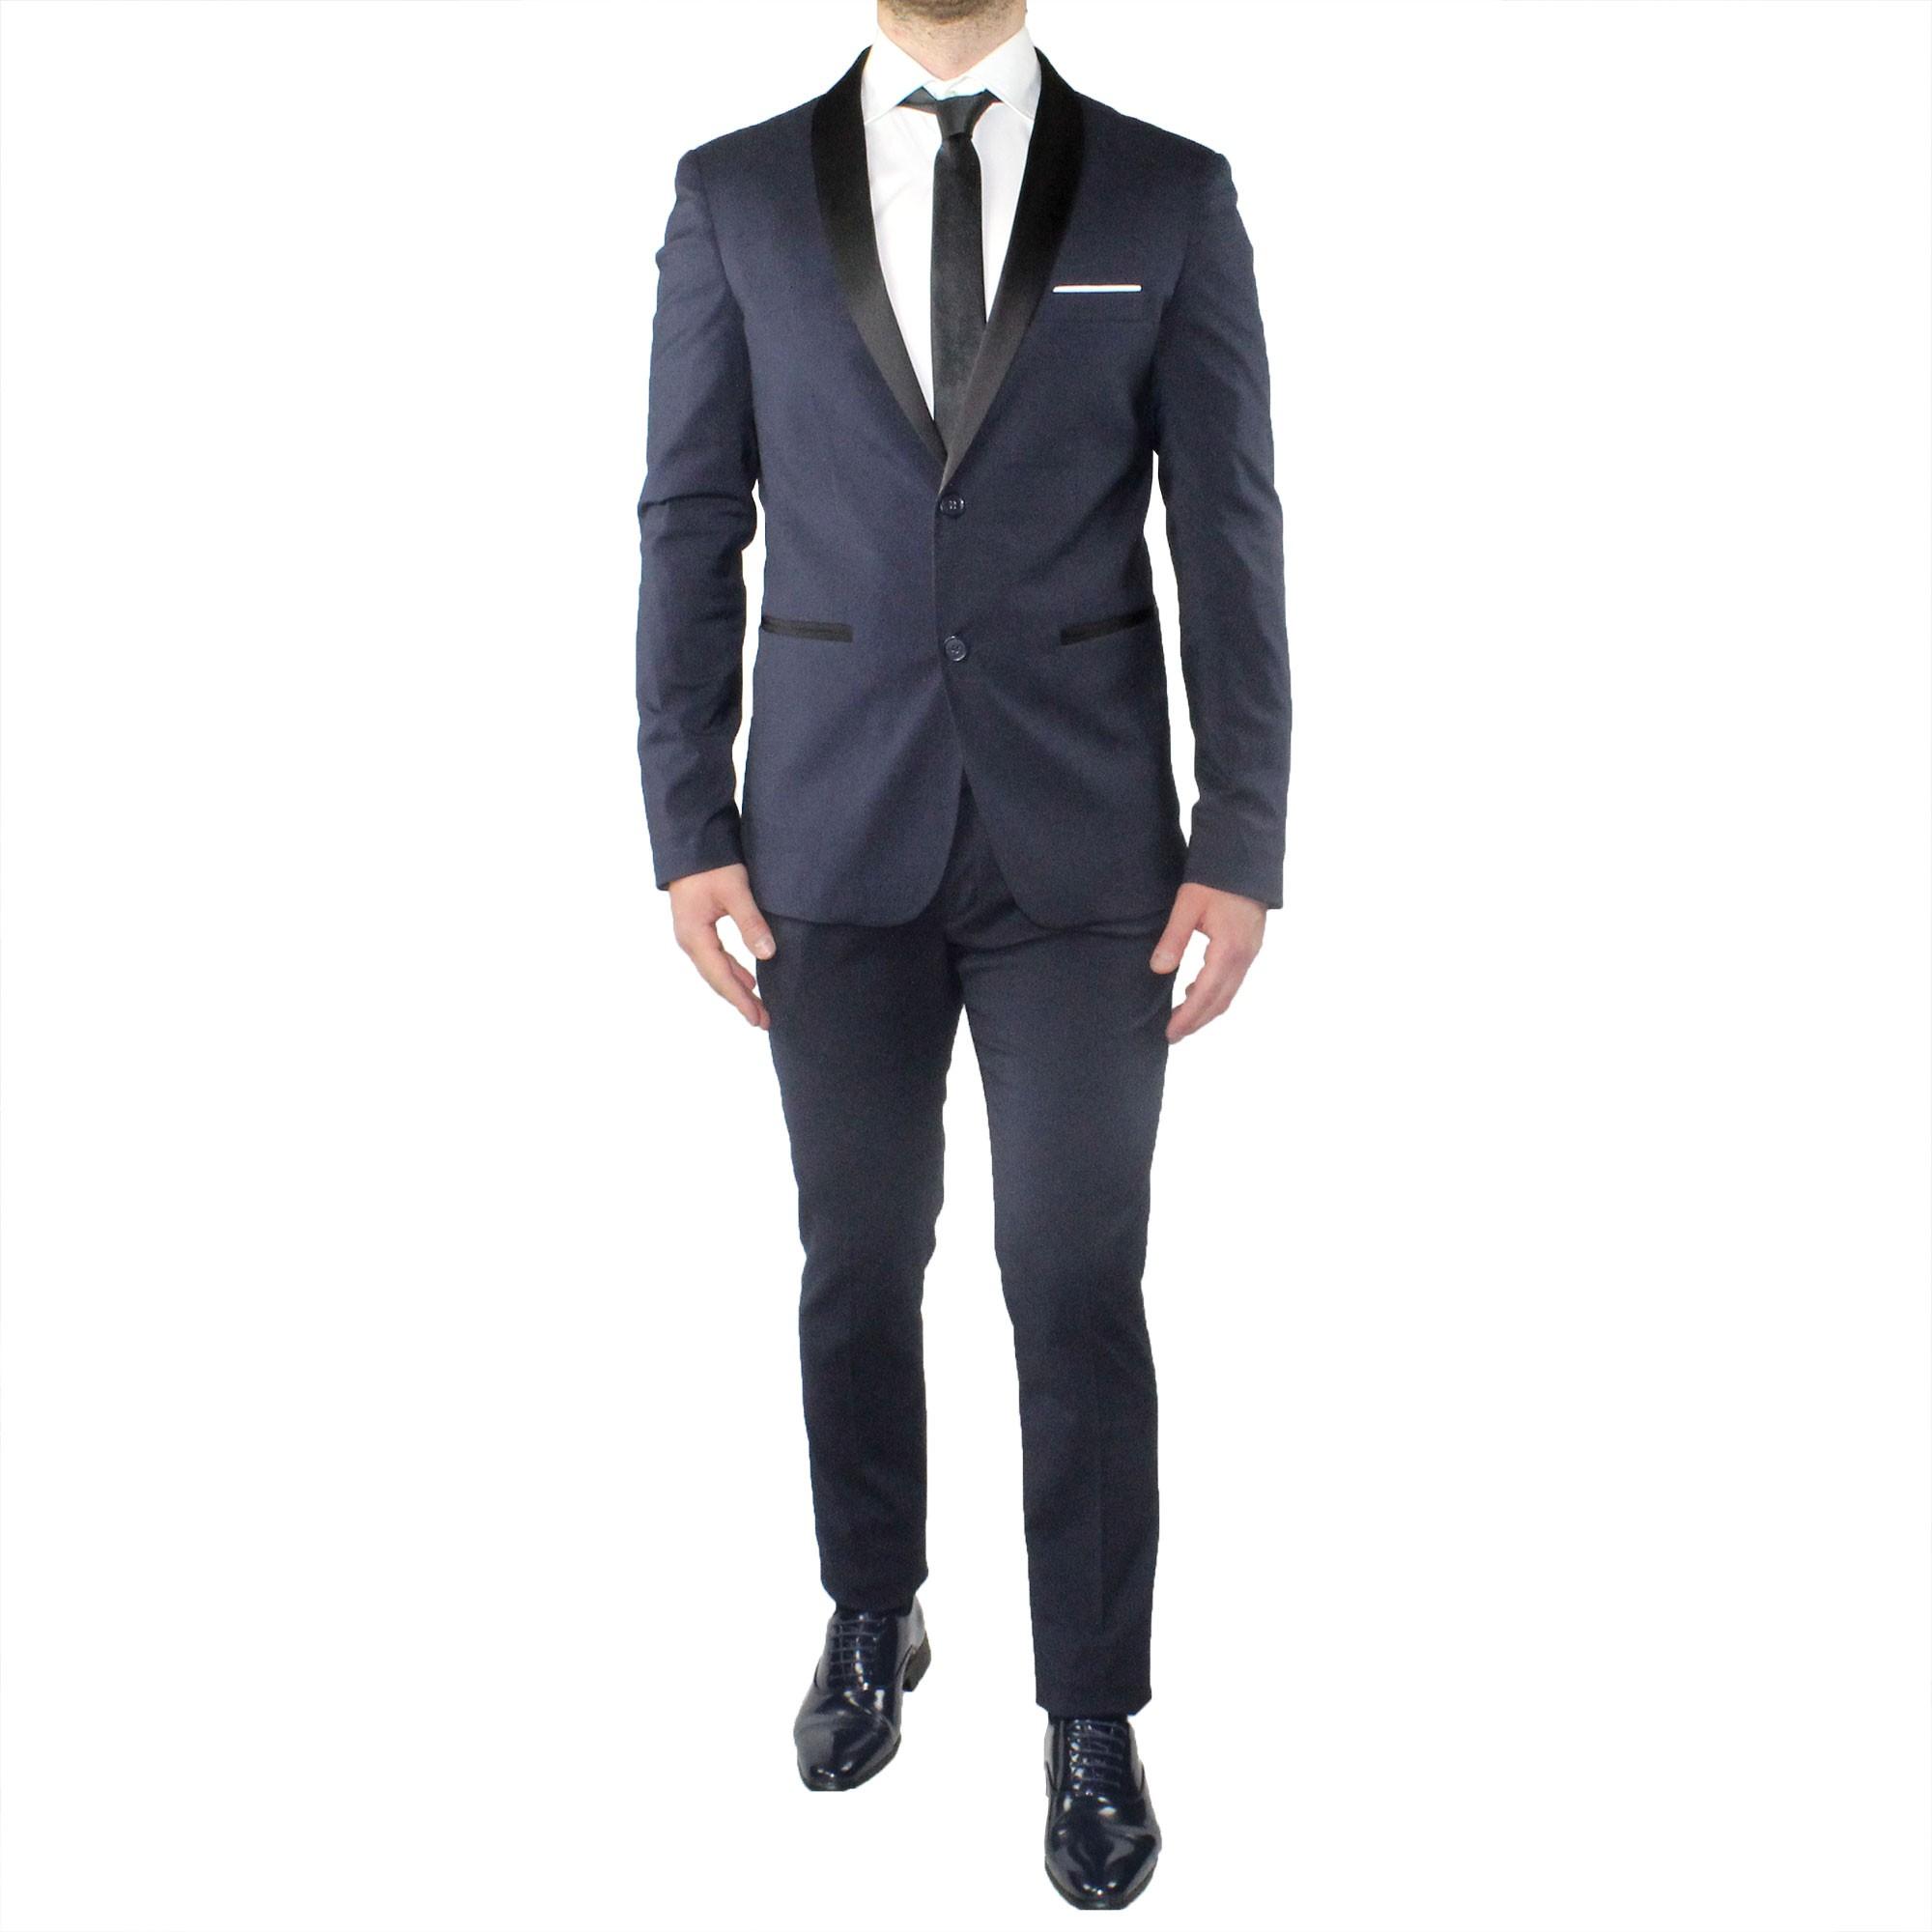 big sale 5204d fee6f Dettagli su Abito Uomo Smoking Elegante Blu Vestito Completo Estivo  Cerimonia Sartoriale